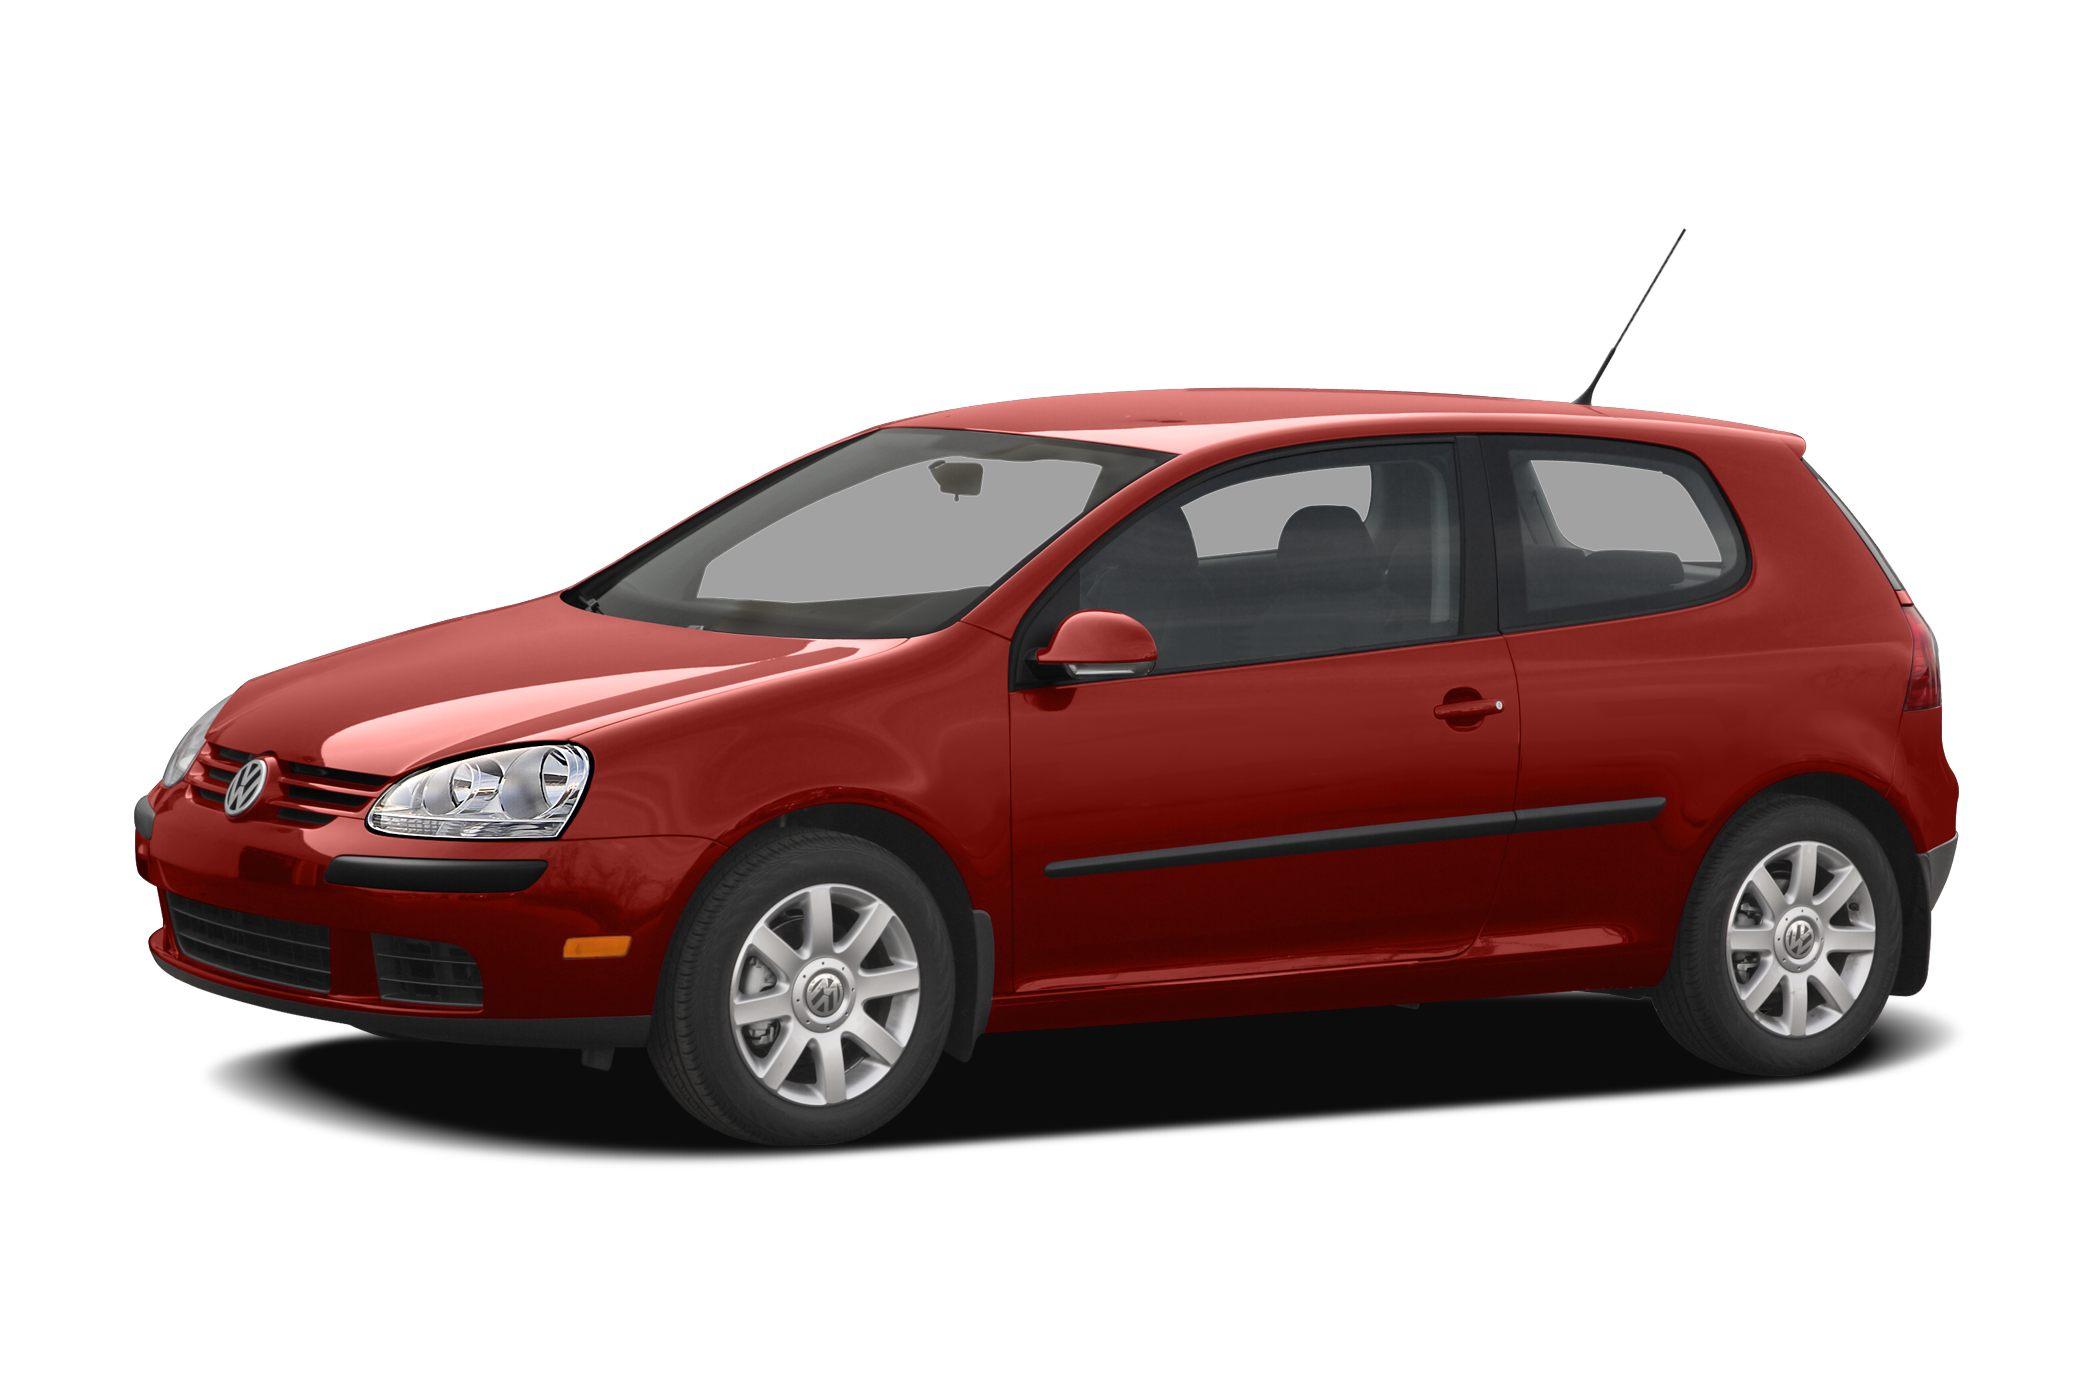 2007 Volkswagen Rabbit 2-Door Miles 1Stock 1562 VIN WVWBR71KX7W279312